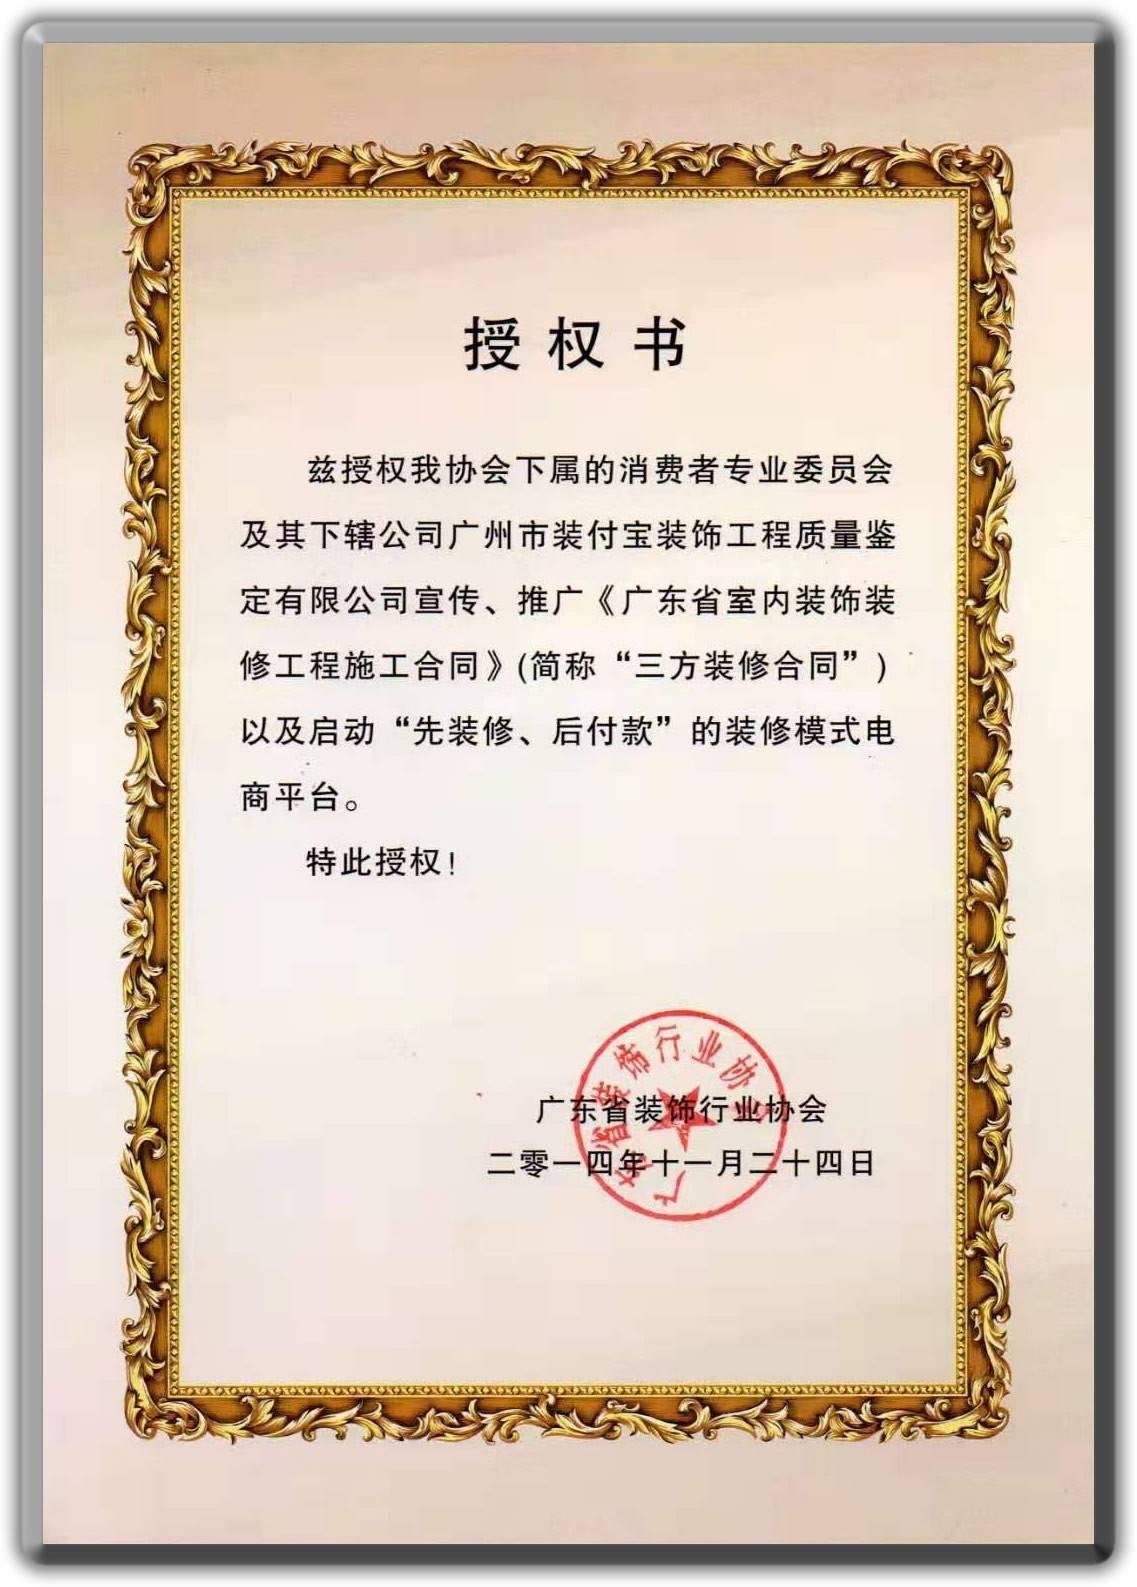 """广东省室内装饰装修工程施工合同授权书(简称""""三方装修合同"""")"""